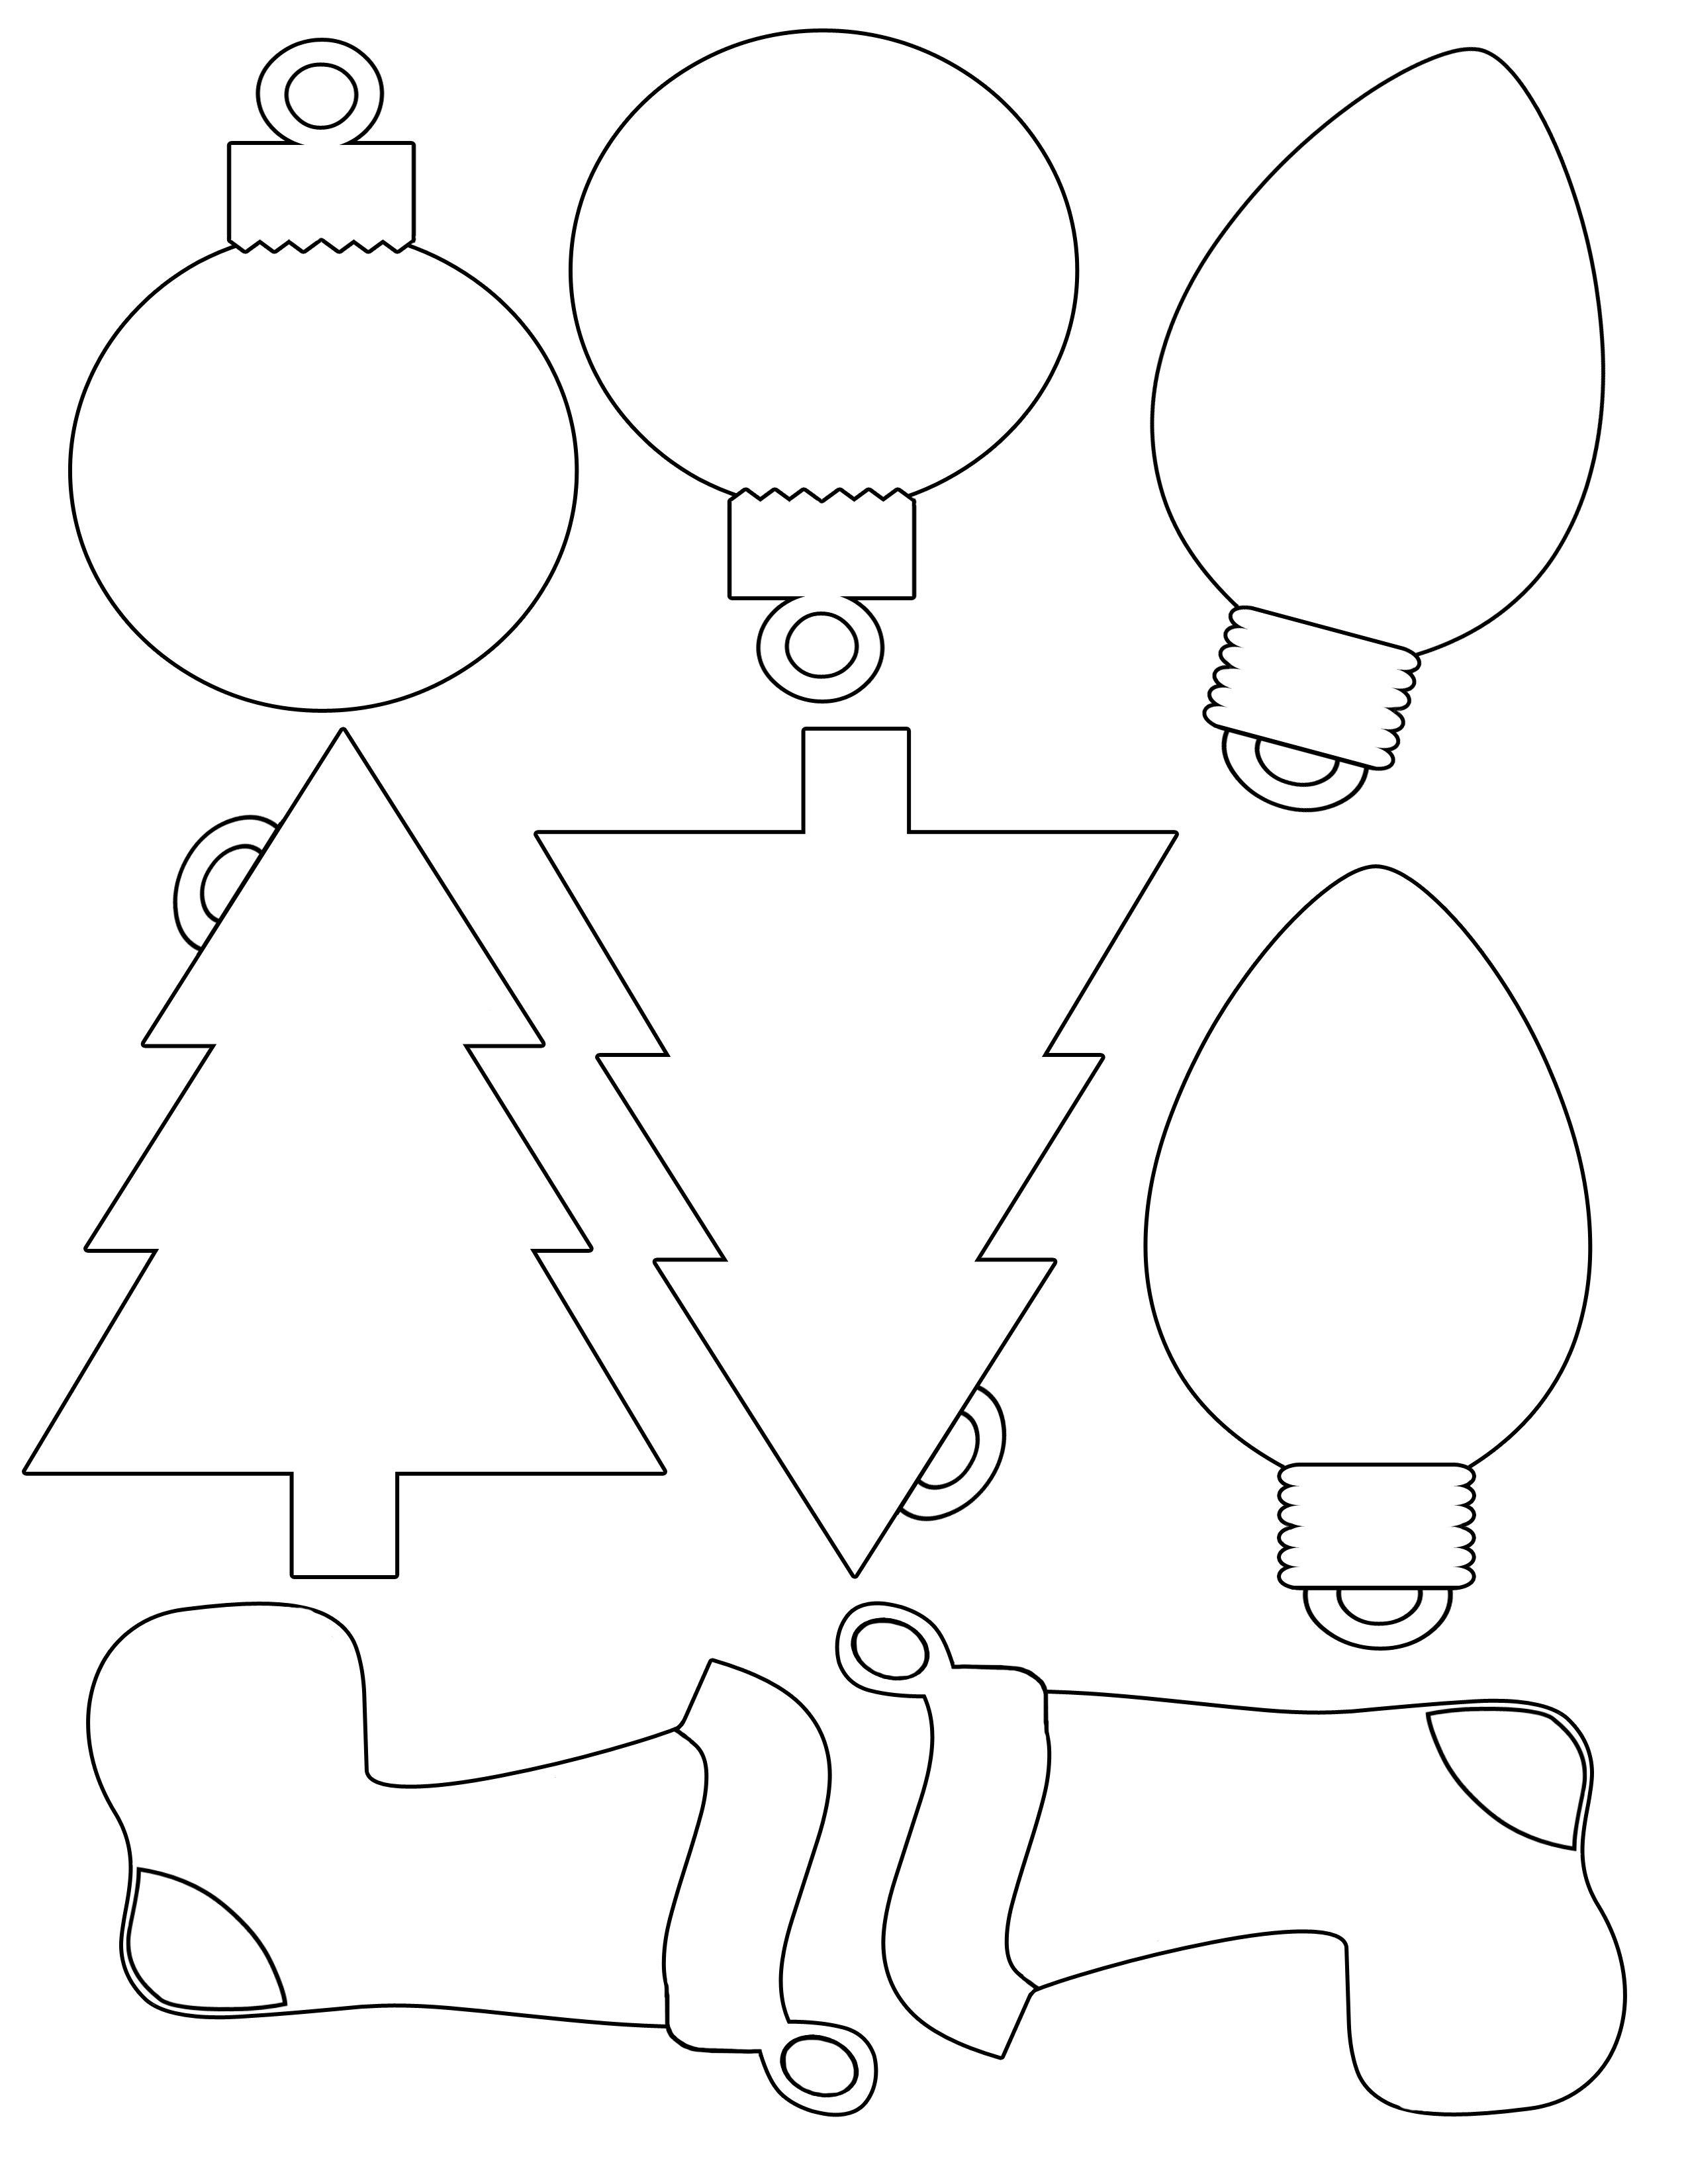 Printable Christmas Envelope    For Christmas Shapes For Gift - Free Printable Christmas Ornament Patterns